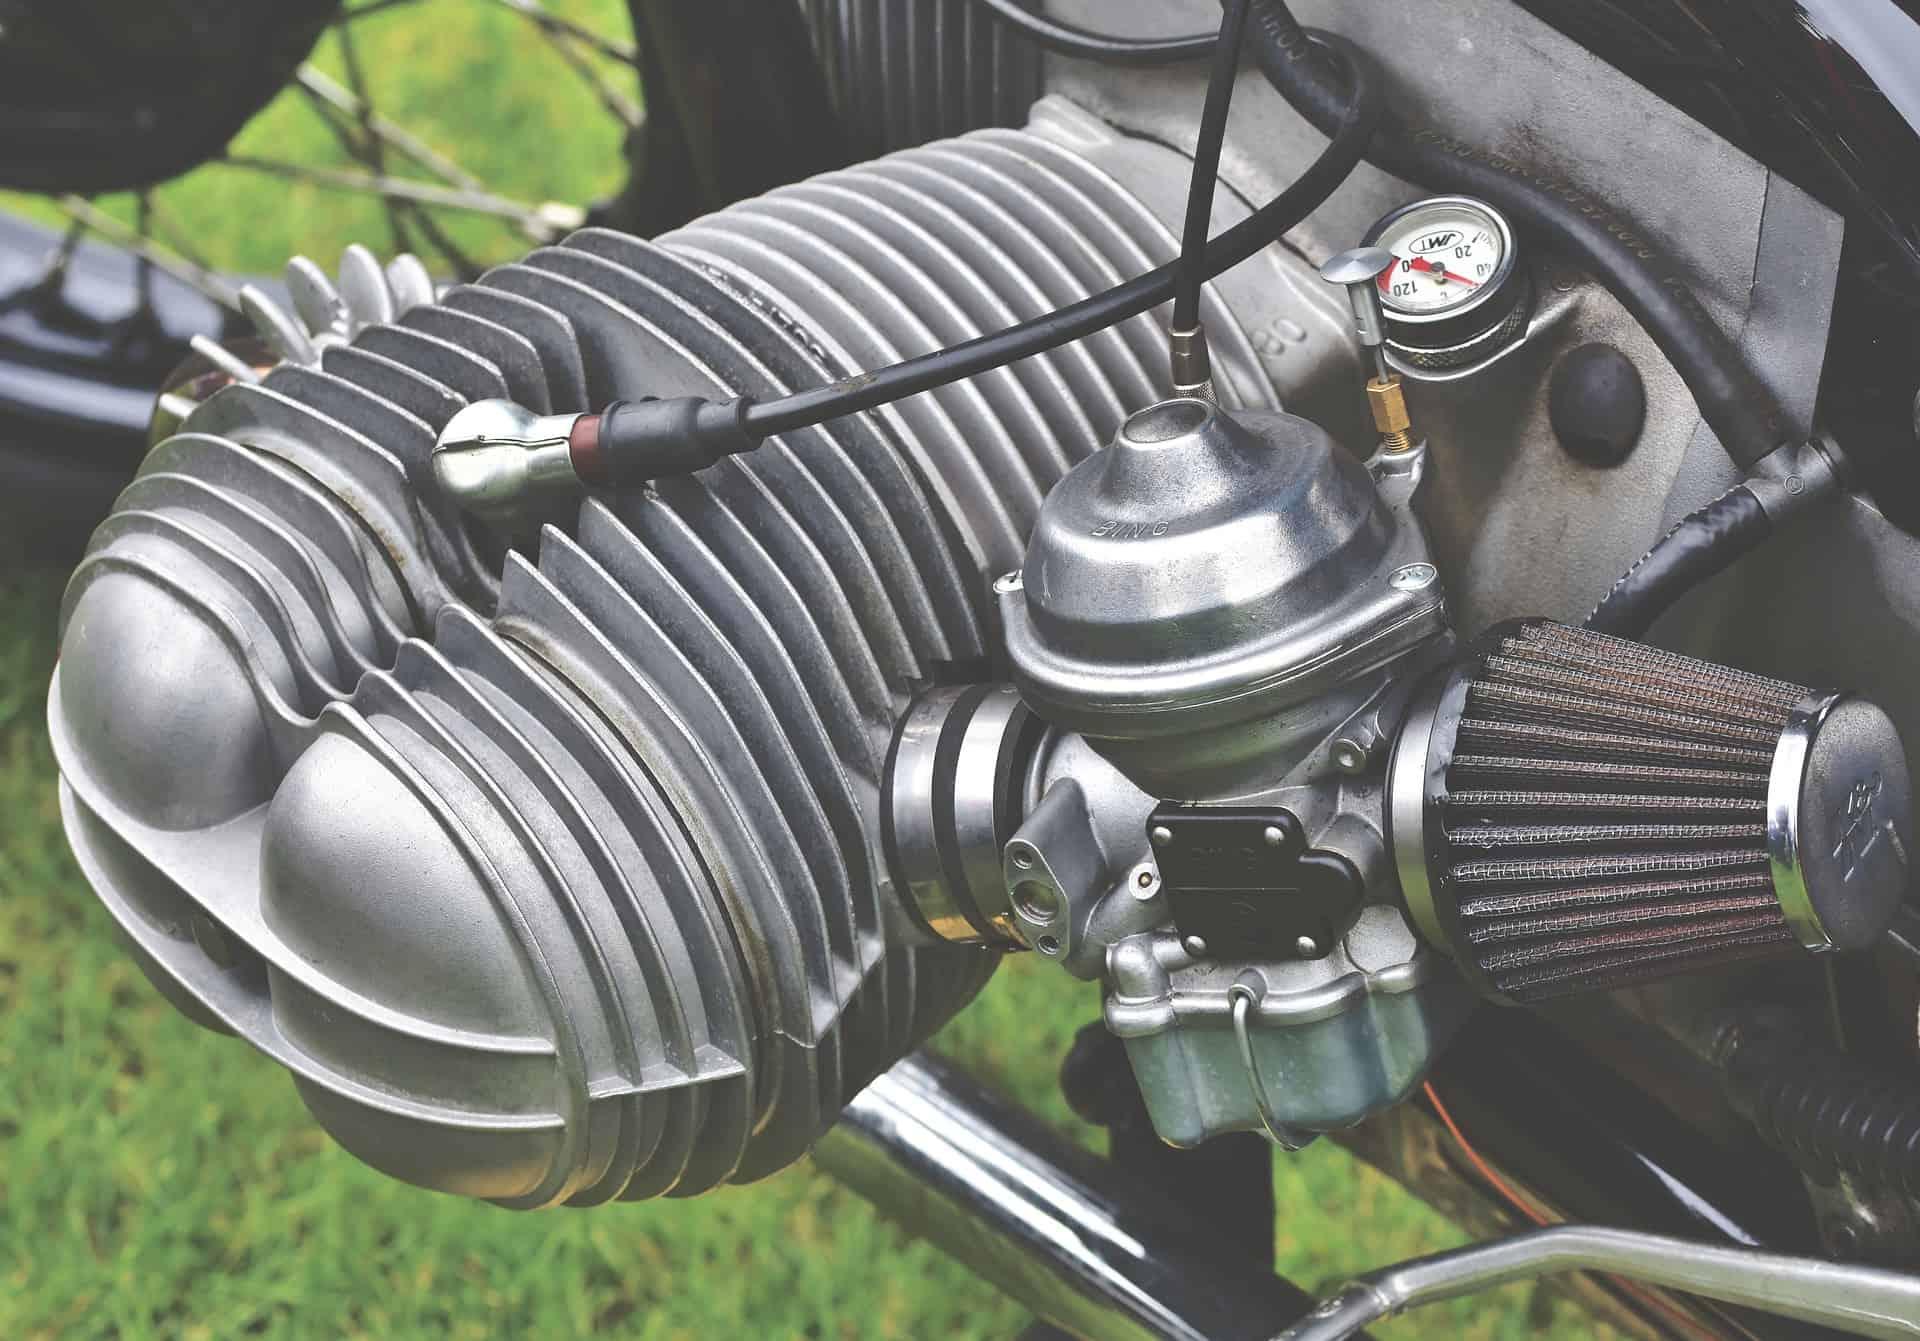 engine carburetor motorcycle